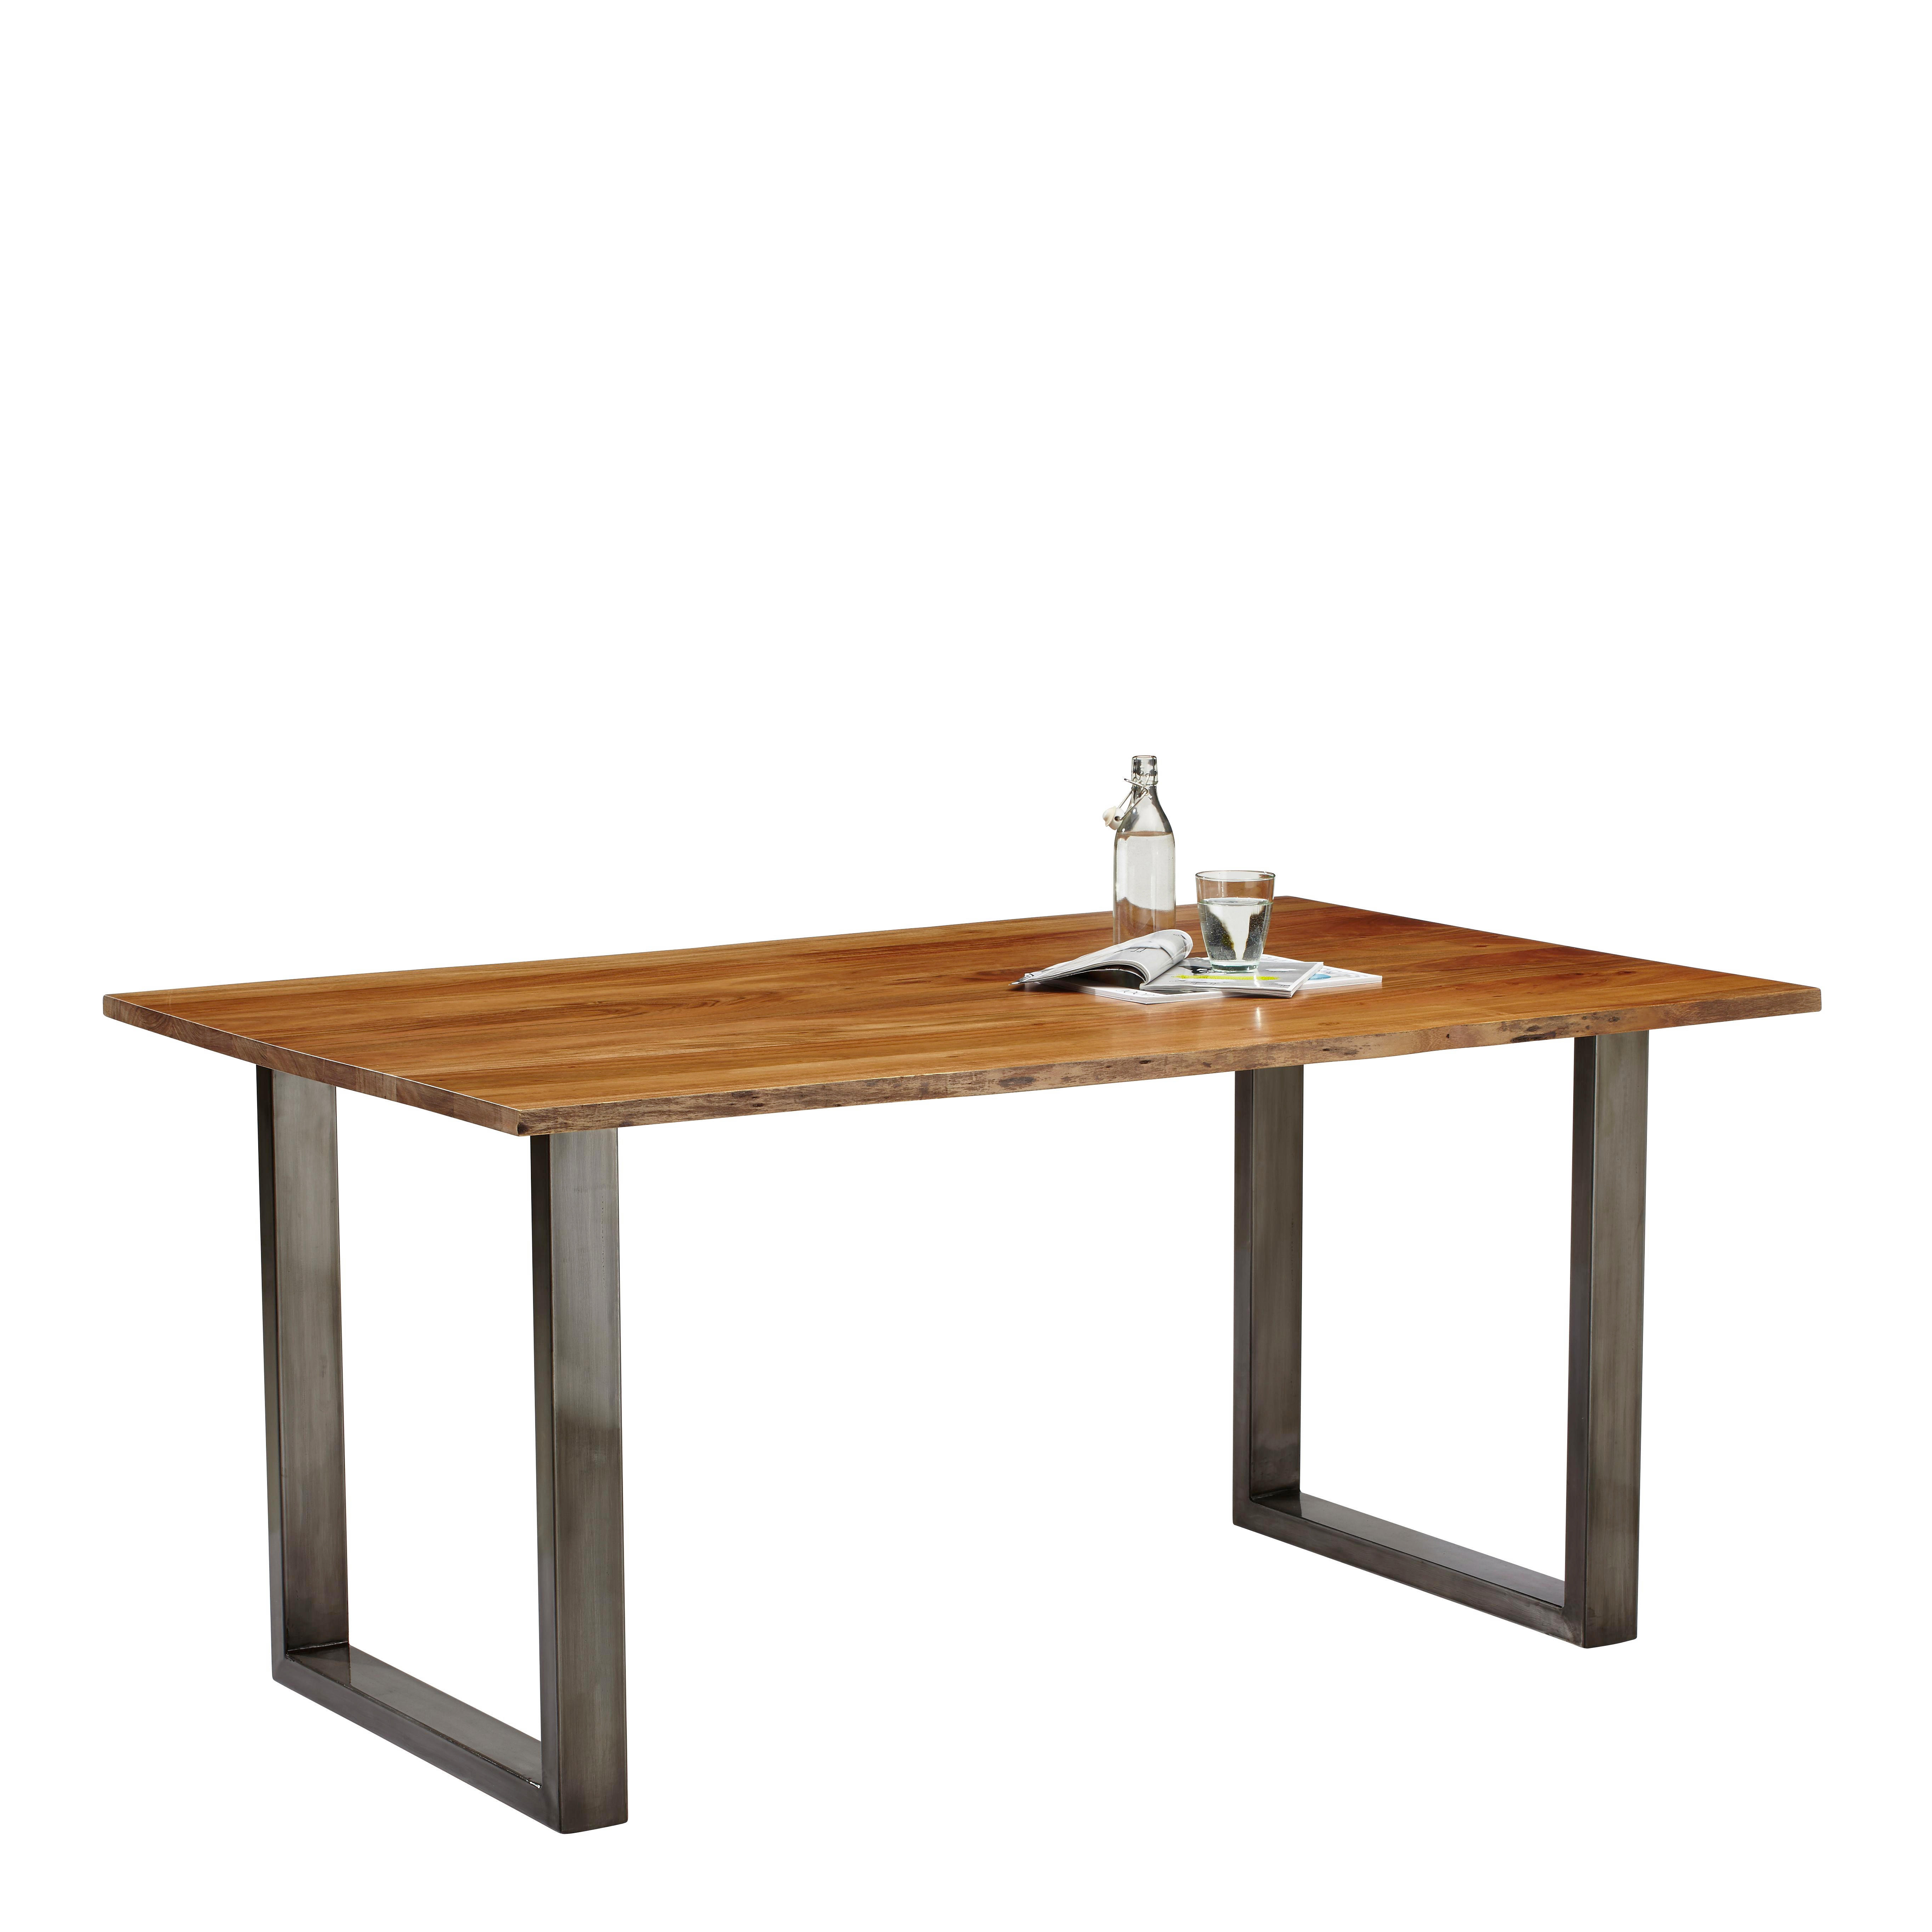 Esstisch In Holz 160 90 78 Cm Online Kaufen Xxxlutz